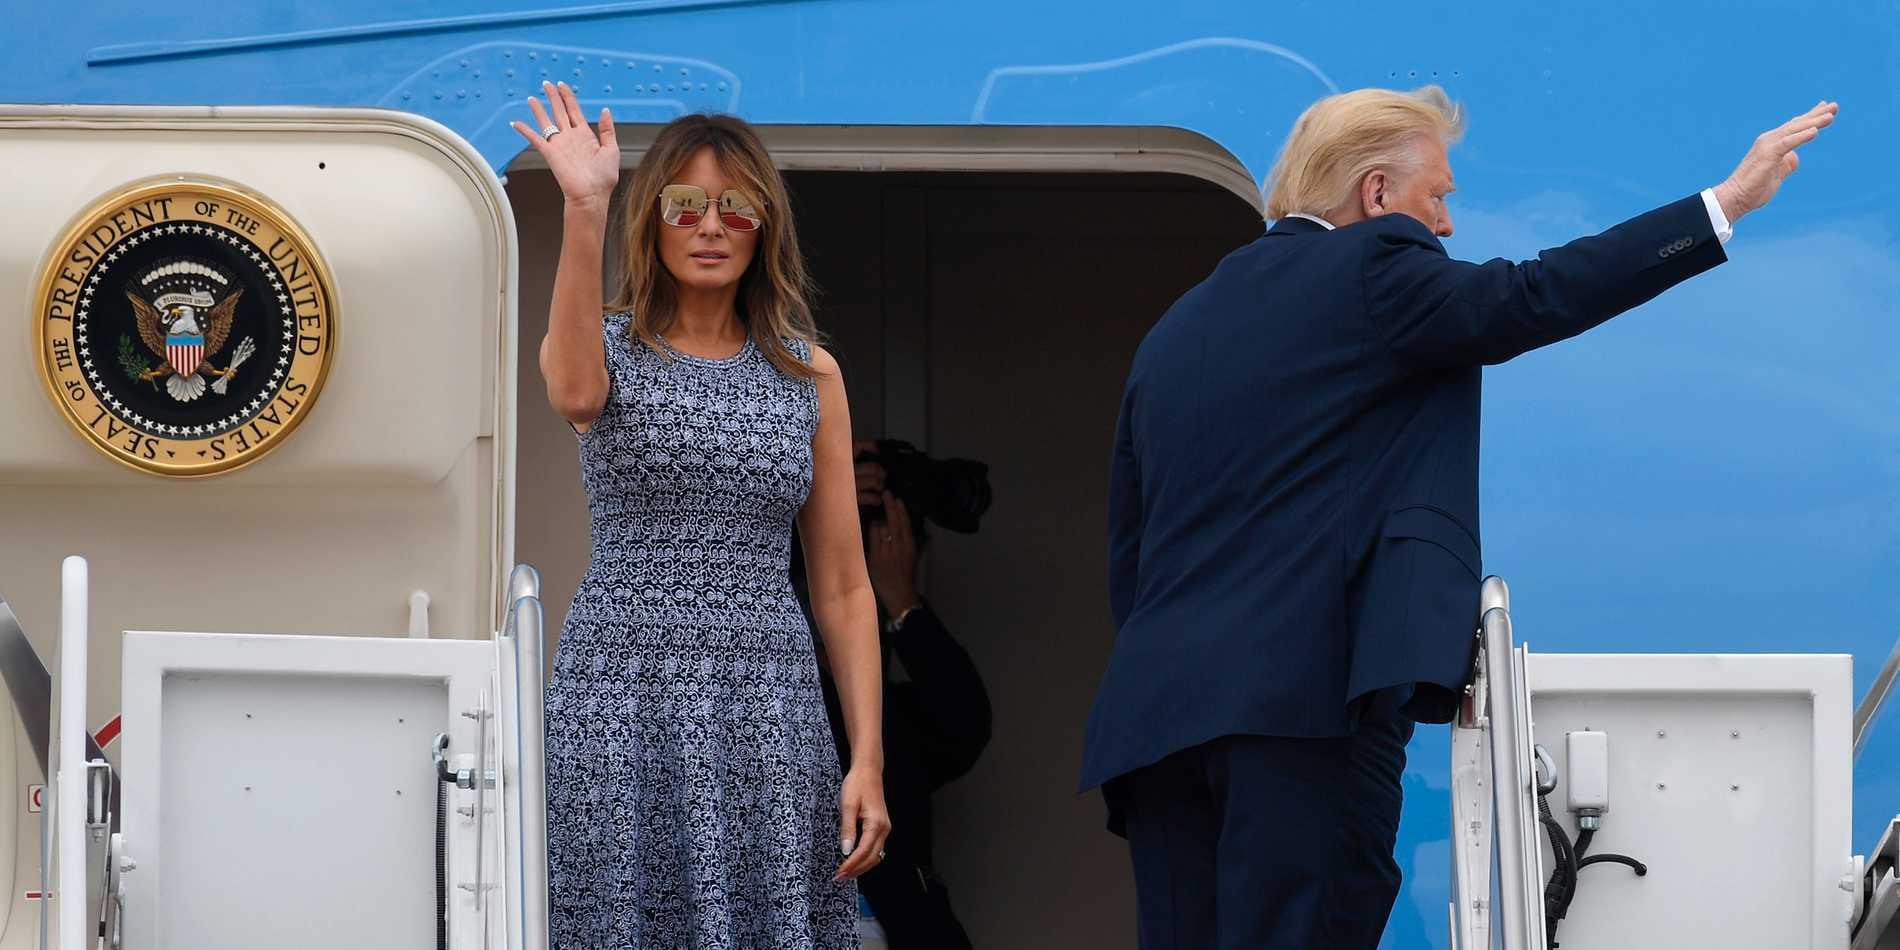 First lady Melania Trump stöttar sin man, president Donald Trump, i alla väder. Men till skillnad mot alla hans klavertramp ser Melania till att inte hamna i blåsväder.